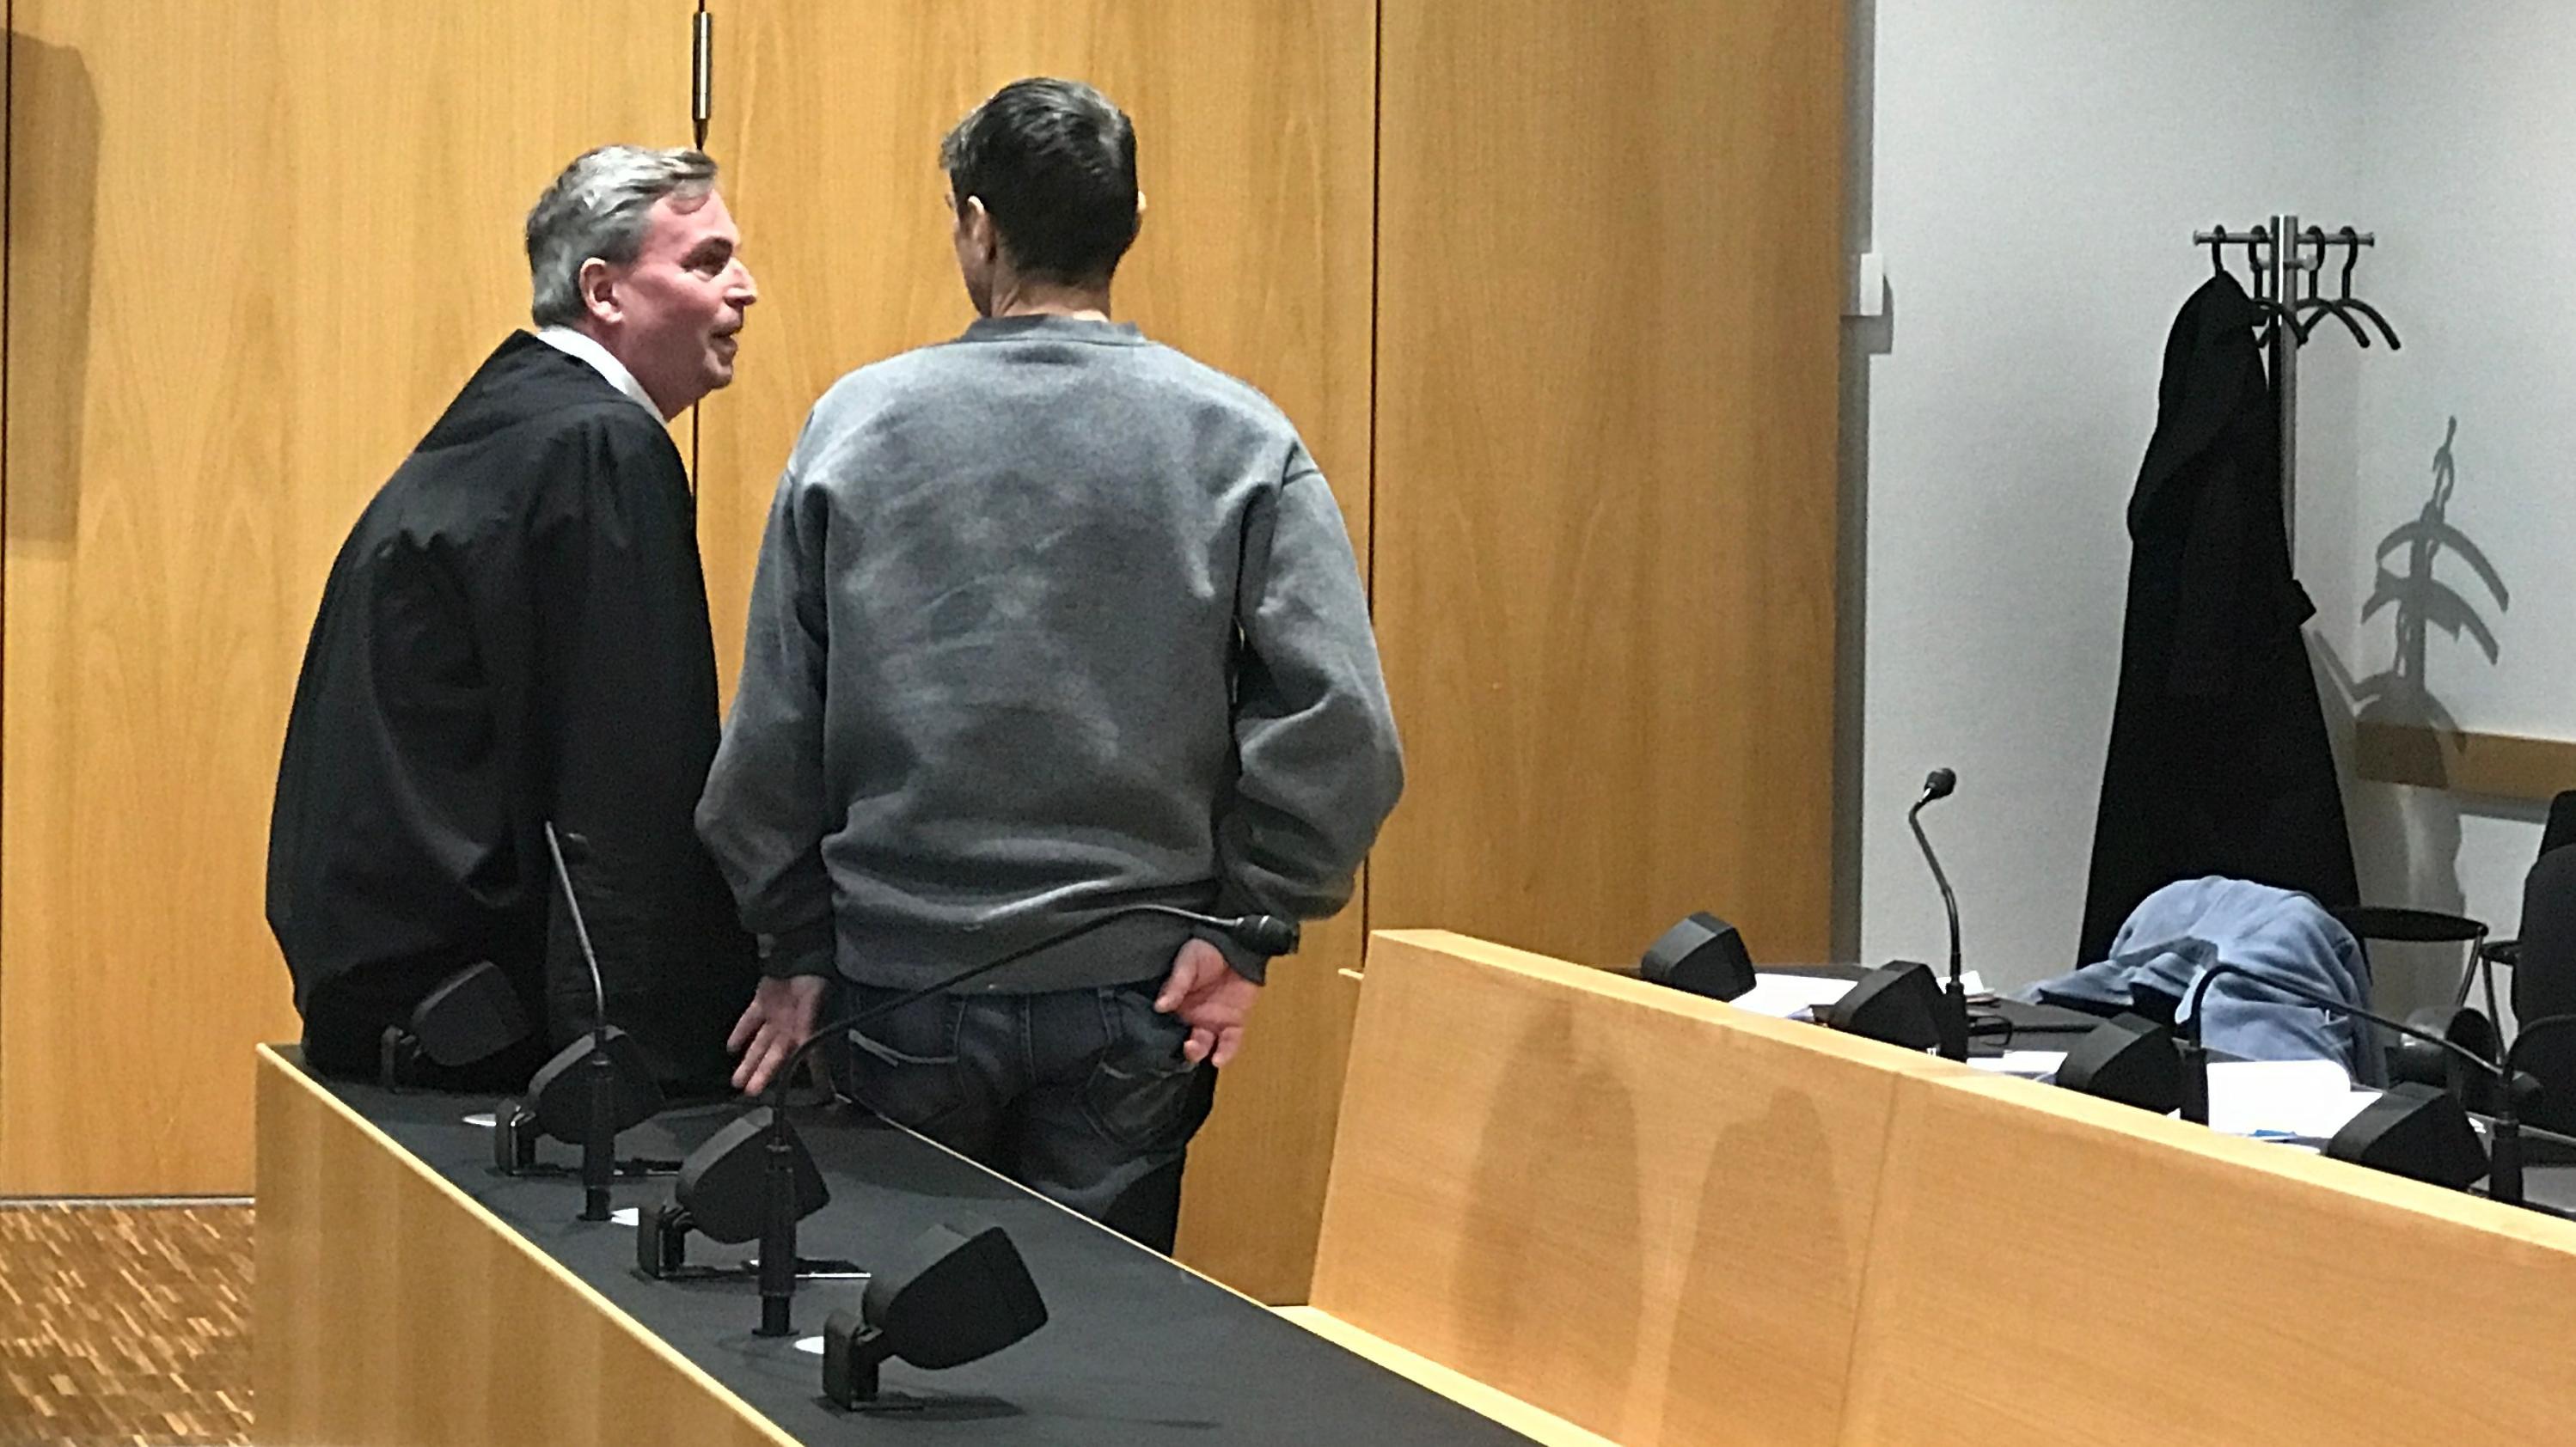 Der Angeklagte mit seinem Anwalt im Gerichtssaal